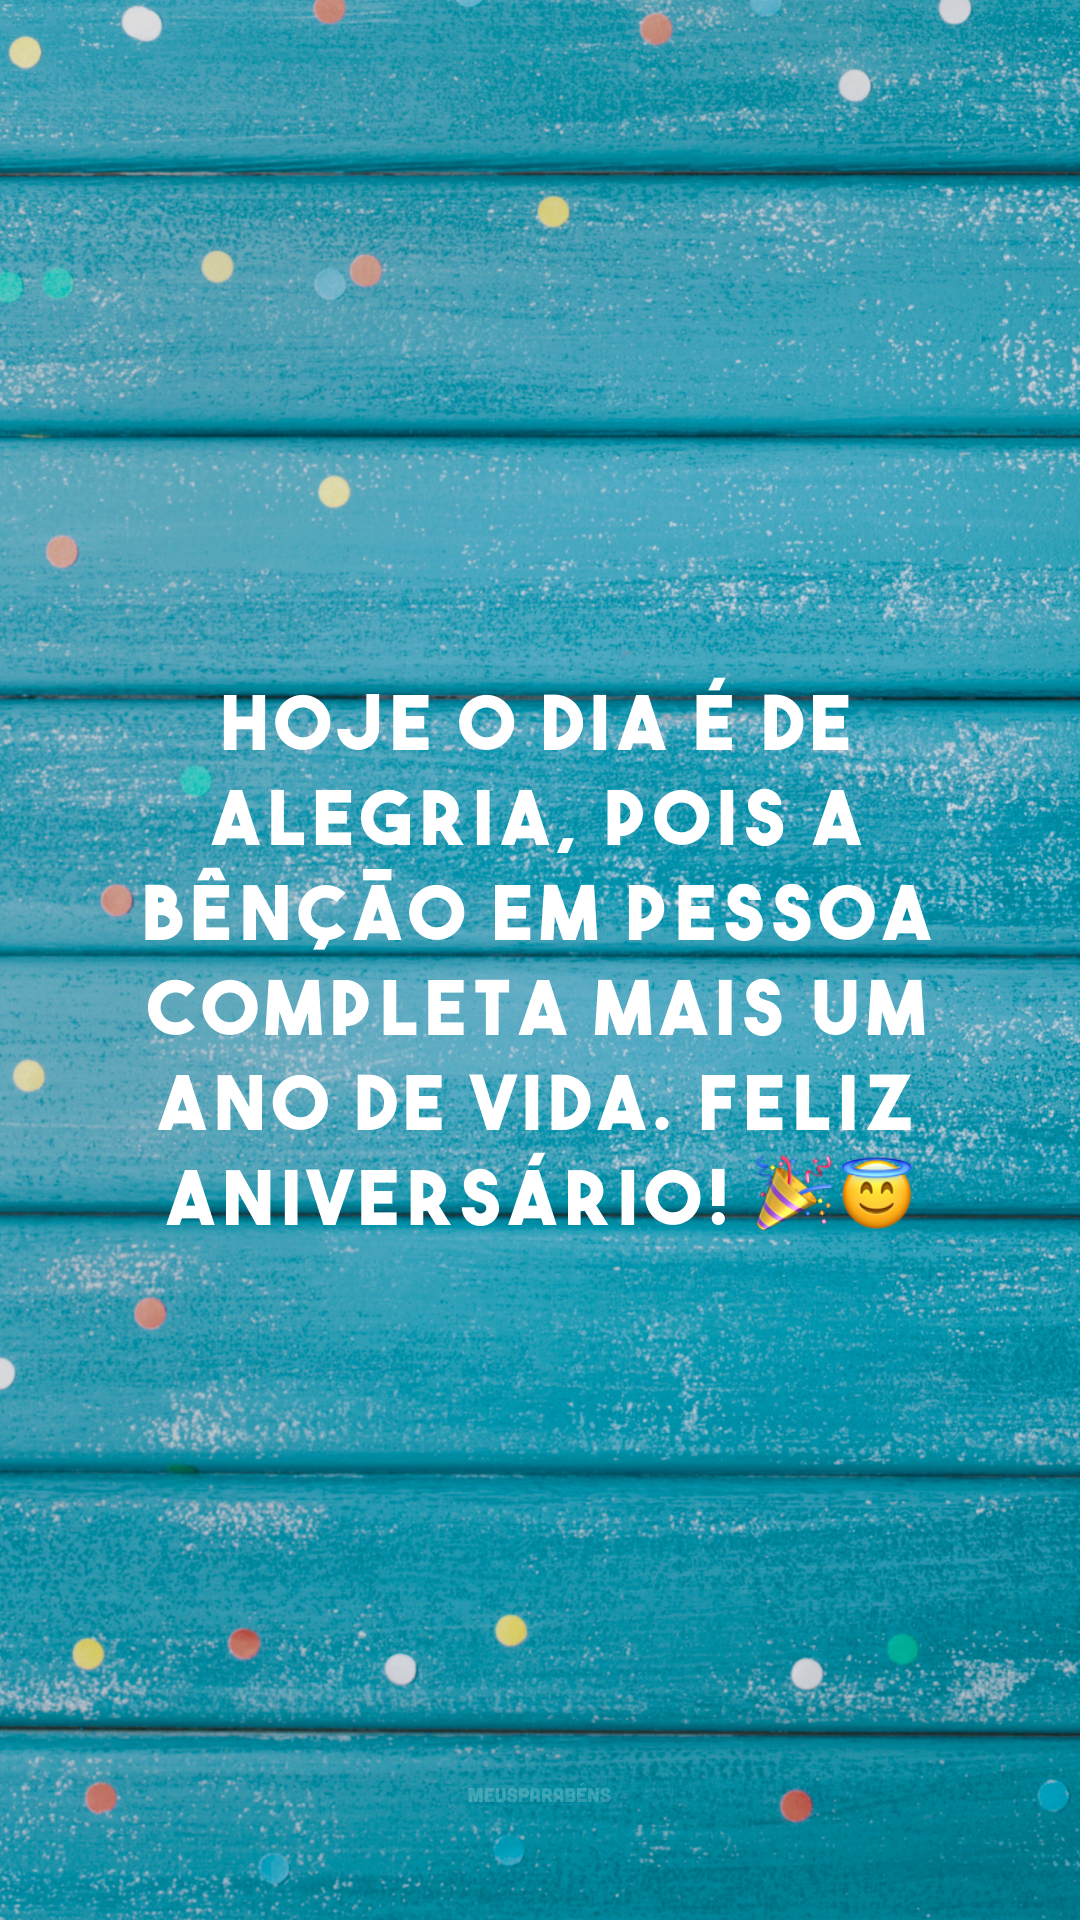 Hoje o dia é de alegria, pois a bênção em pessoa completa mais um ano de vida. Feliz aniversário! 🎉😇